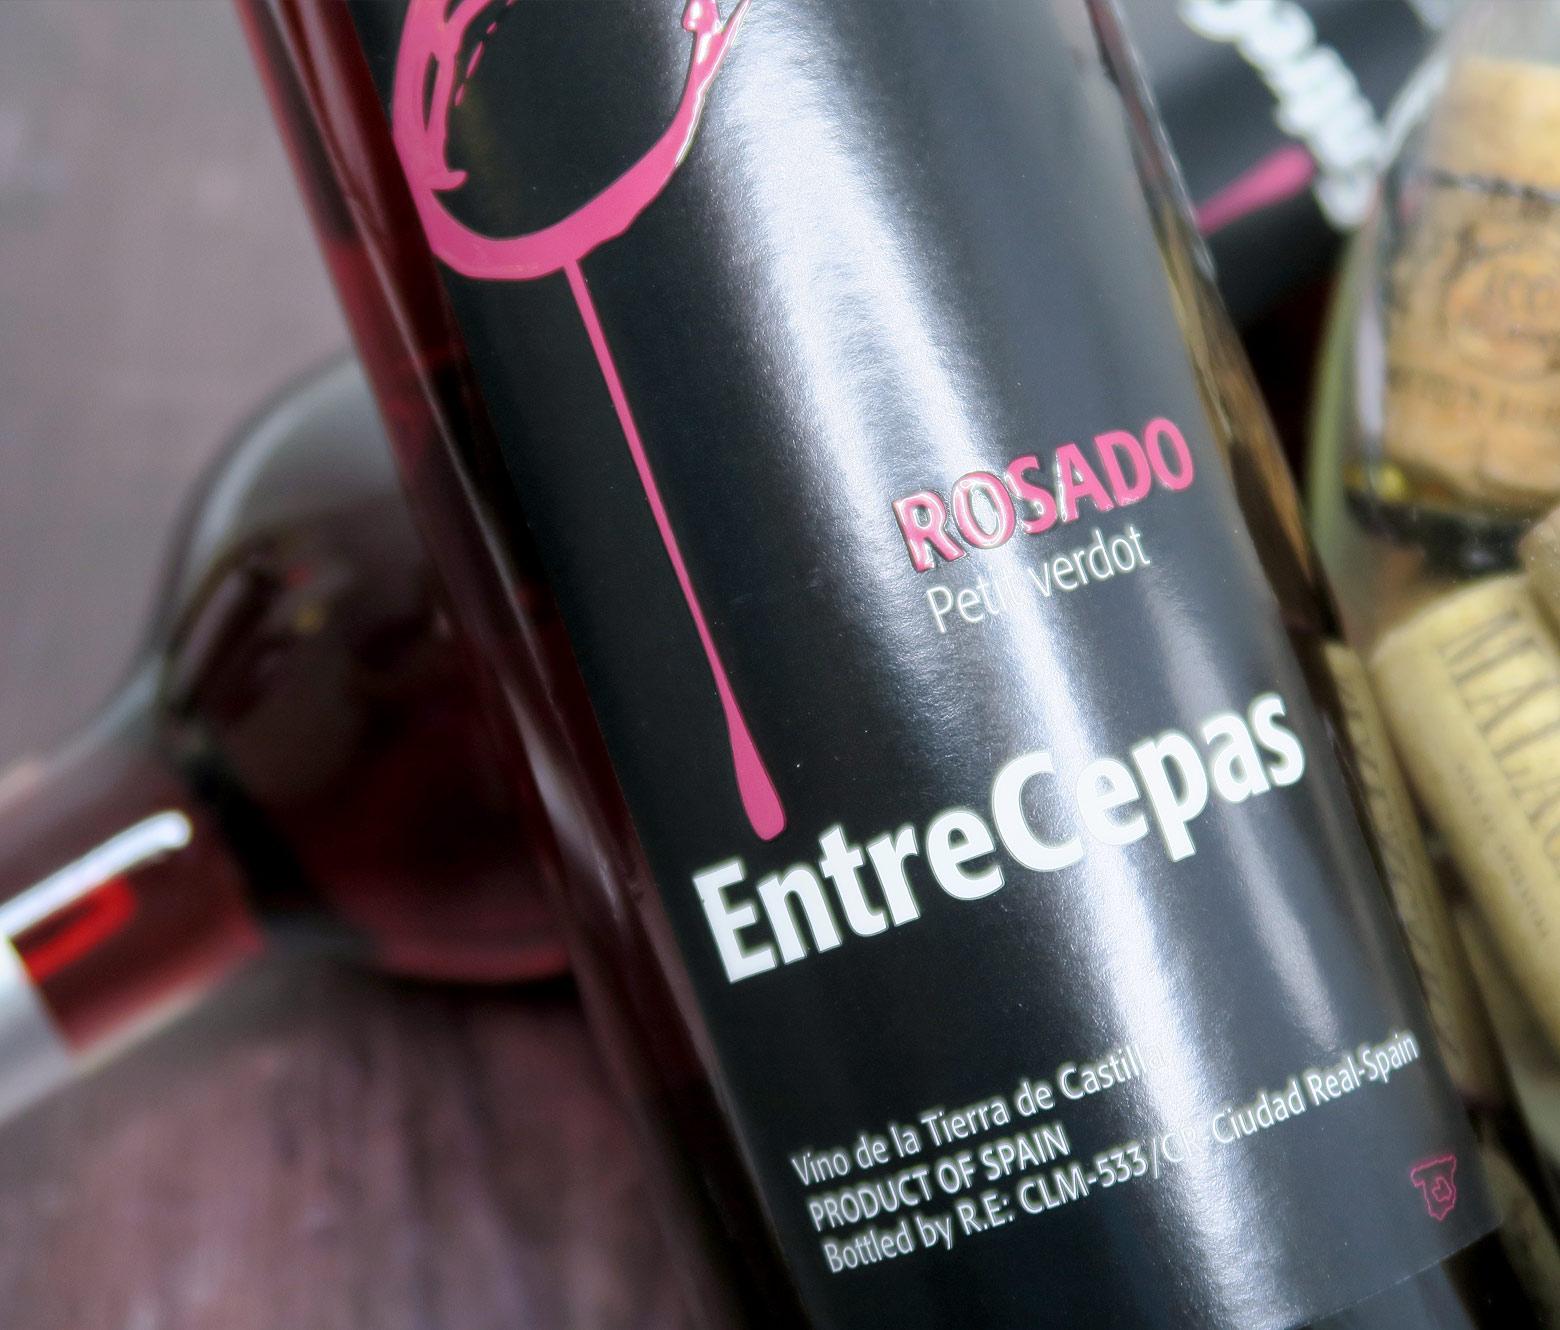 Entrecepas Petit Verdot Rosado 2019